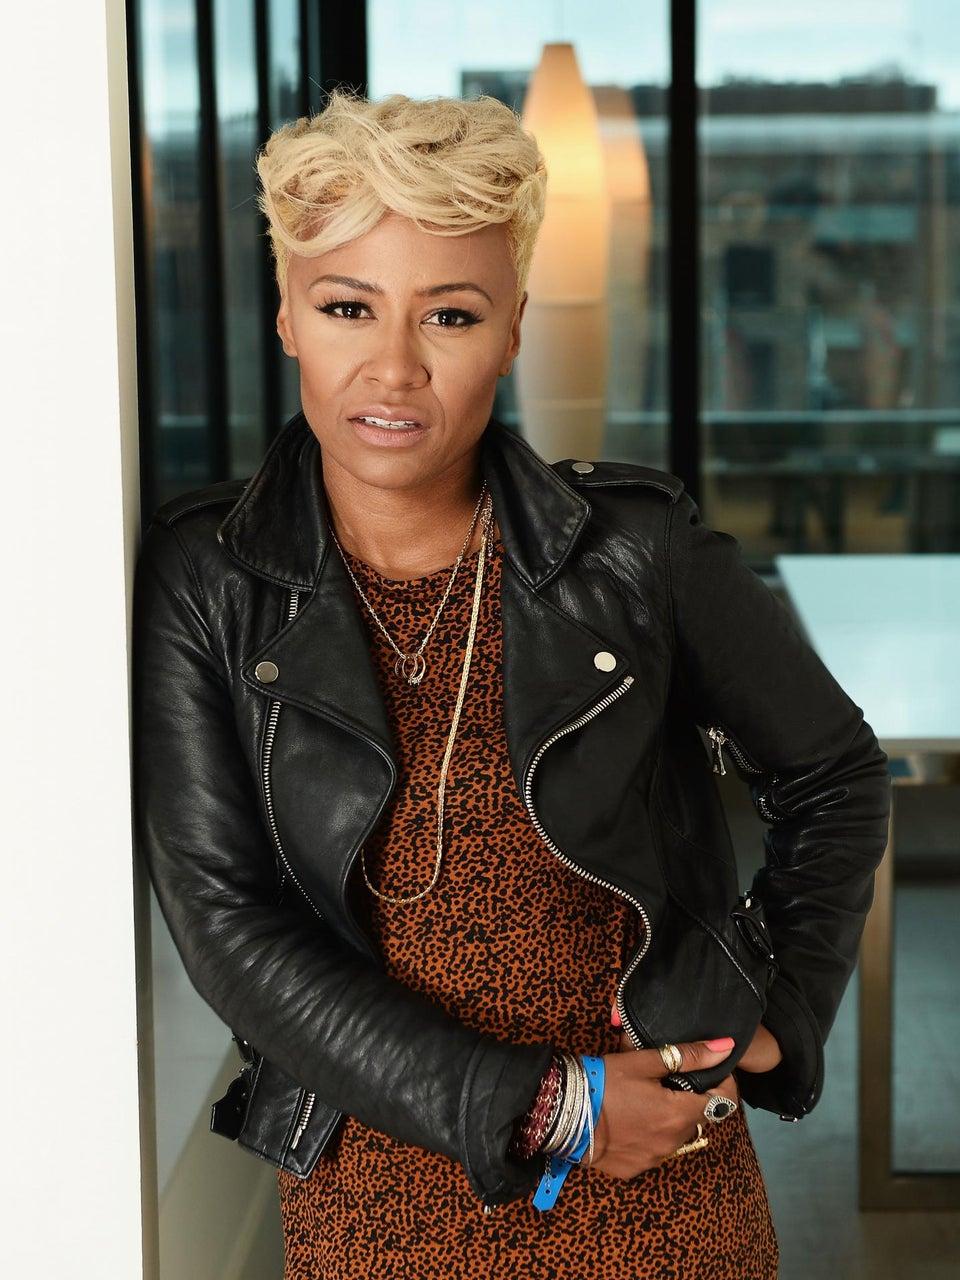 Black Women in Music: ESSENCE's Best of Emeli Sandé Playlist